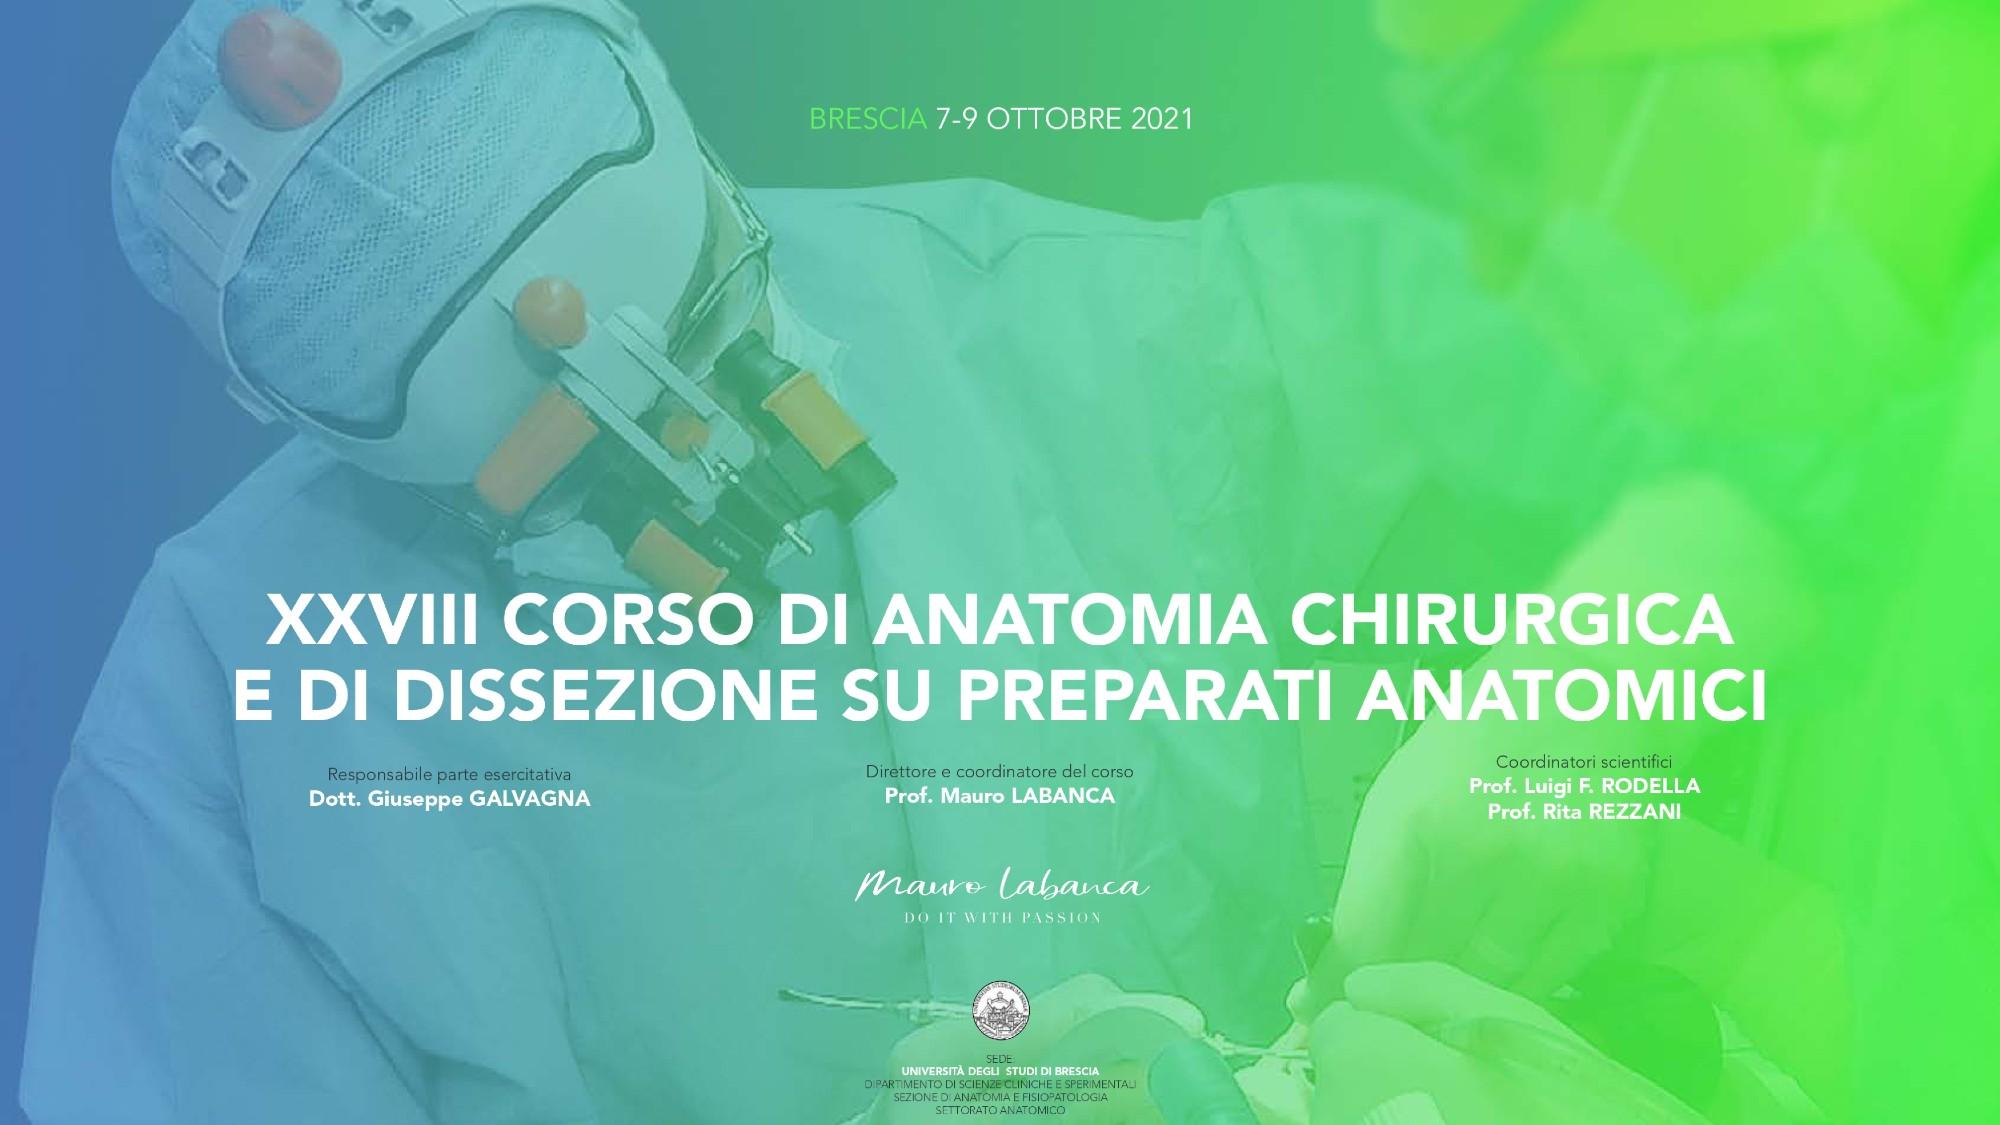 XXVIII corso di Anatomia Chirurgica e di Dissezione su preparati anatomici